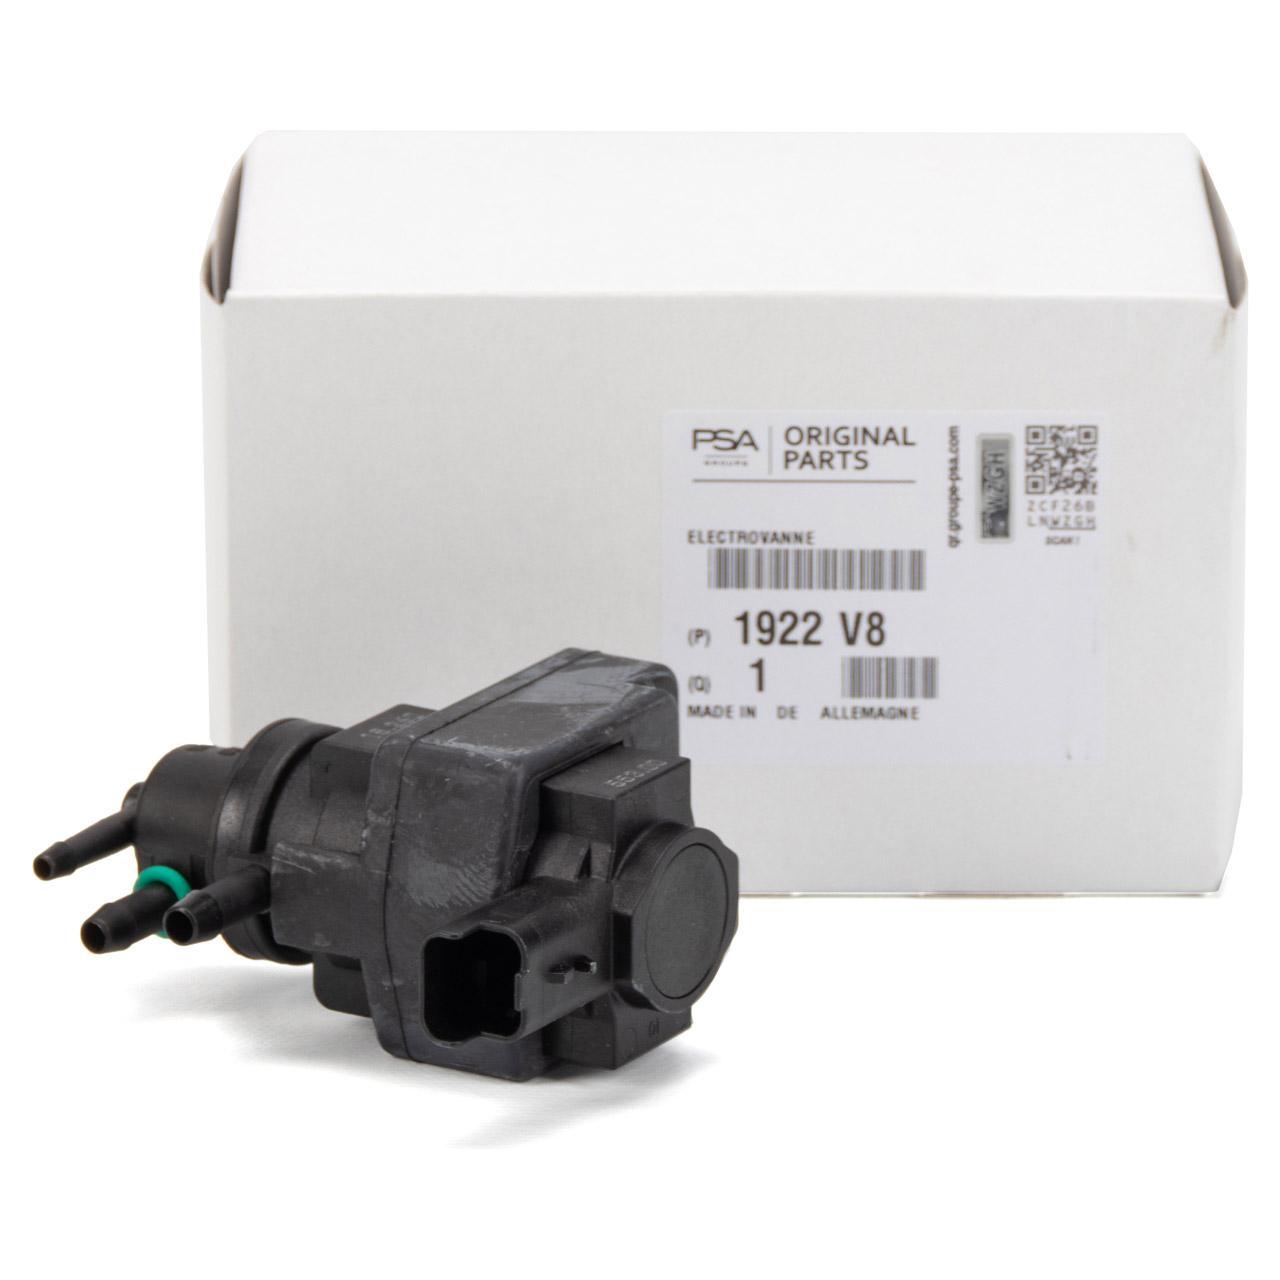 ORIGINAL PSA Druckwandler C4 DS3 DS4 DS5 208 3008 308 5008 508 1.6 16V 1922.V8